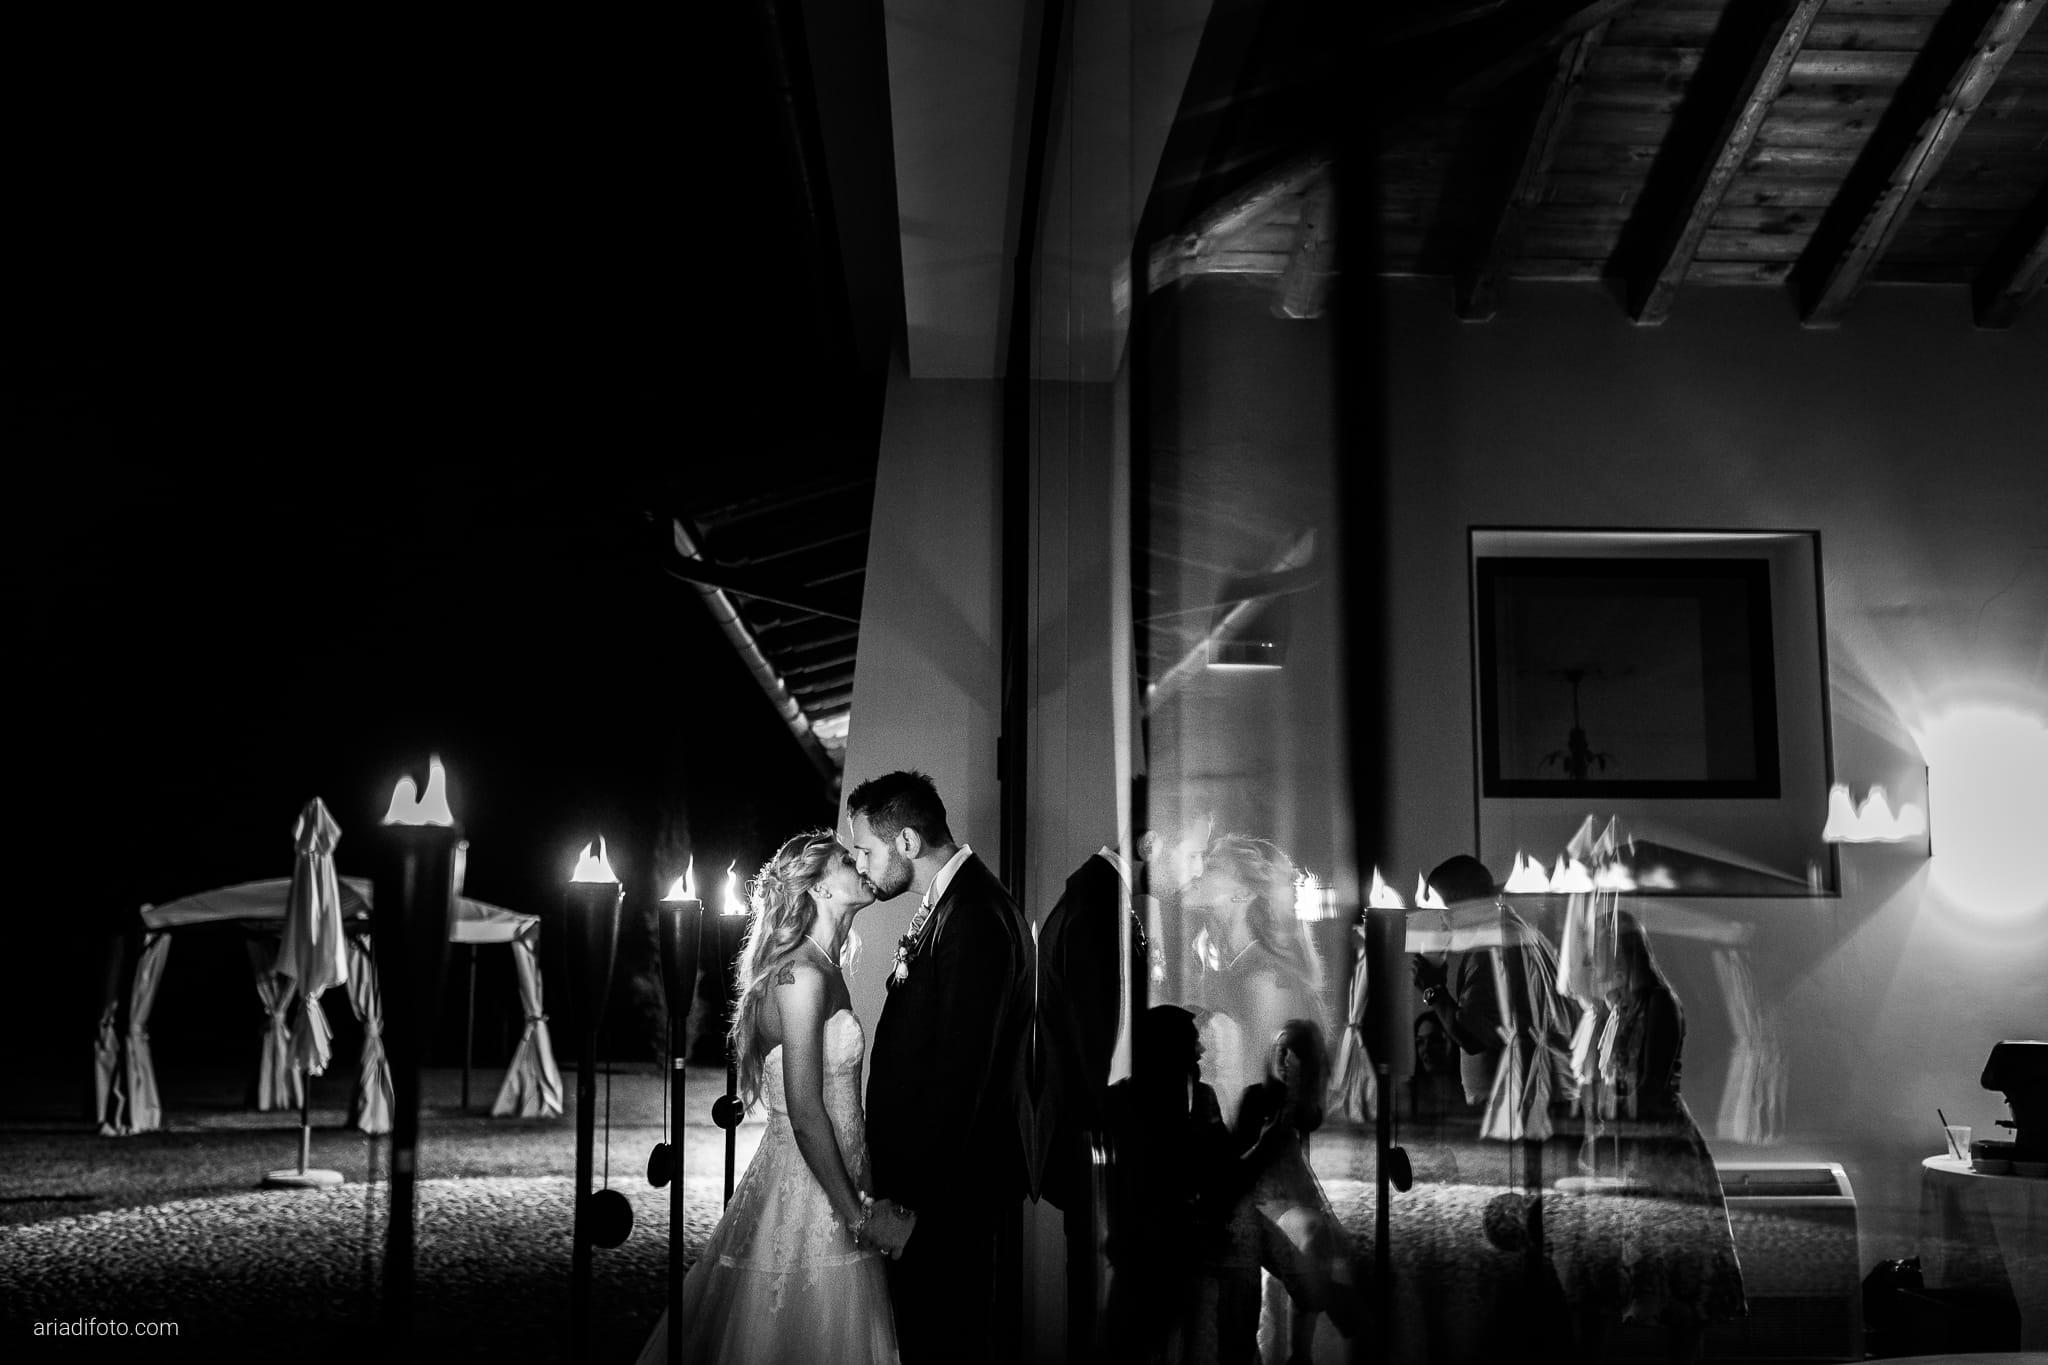 Nicoletta Pierfrancesco Matrimonio Gorizia Villa Attems Lucinico ritratti sposi notturni